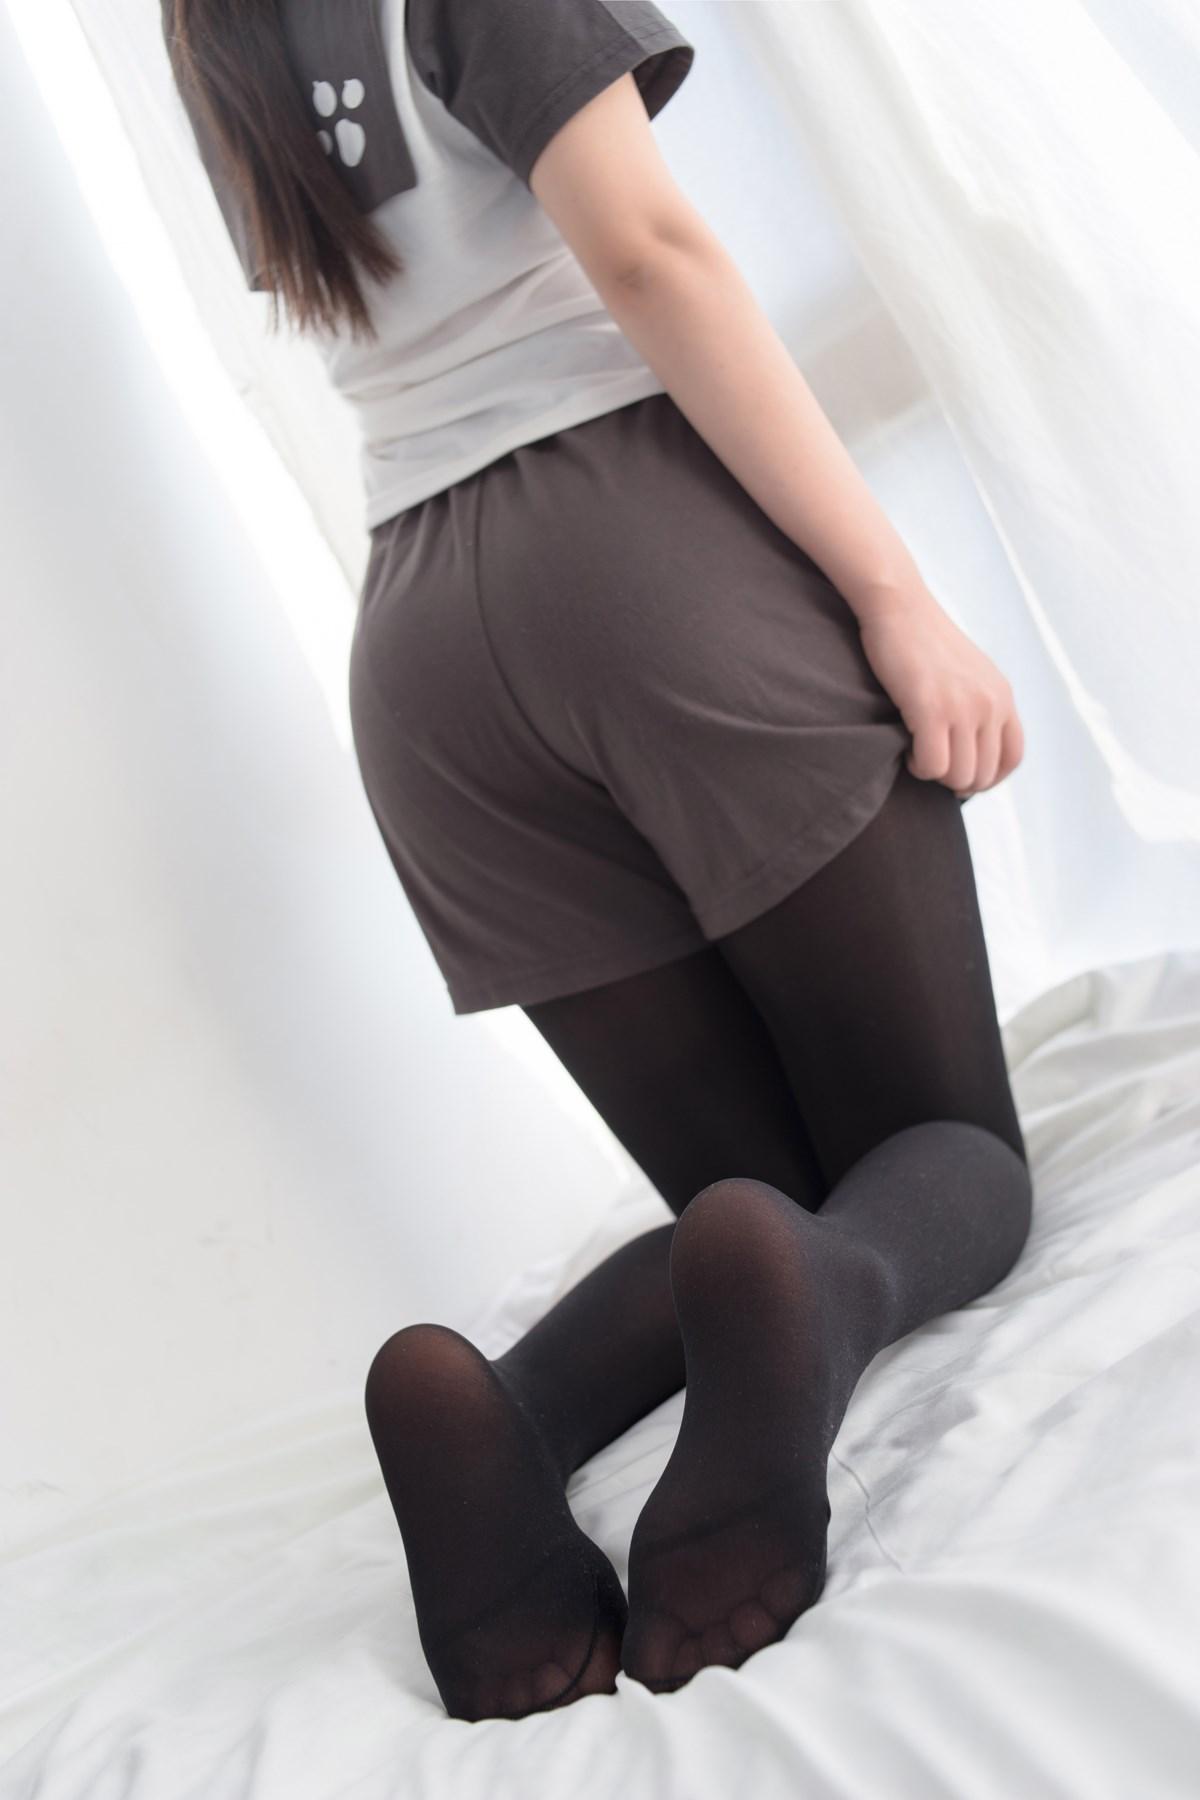 【兔玩映画】萌萌哒黑丝 兔玩映画 第25张